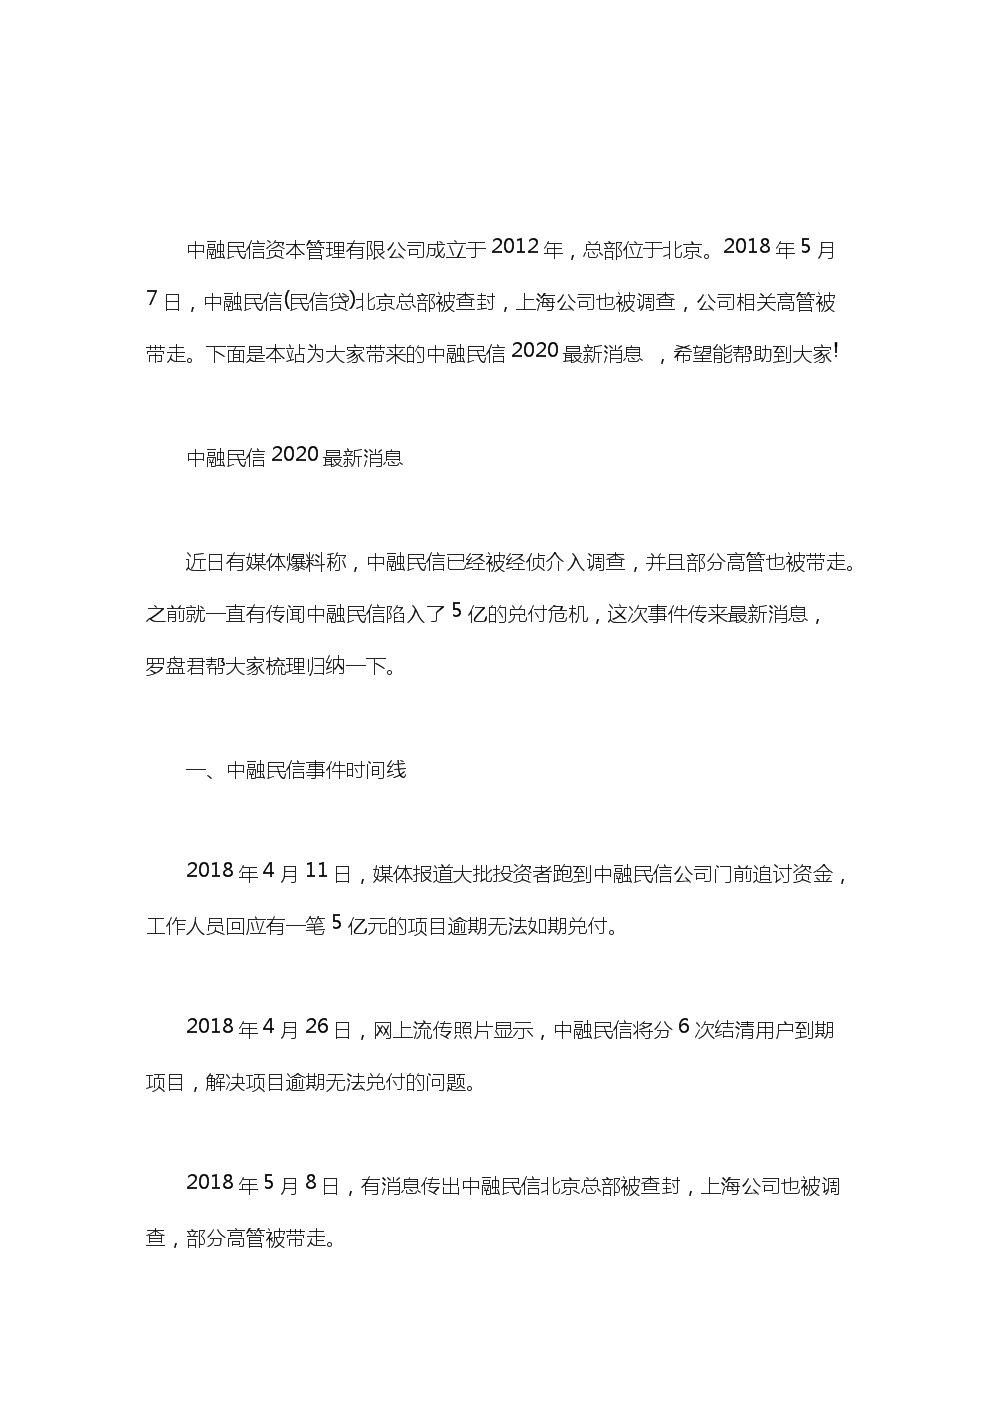 中融民信2020最新消息.doc